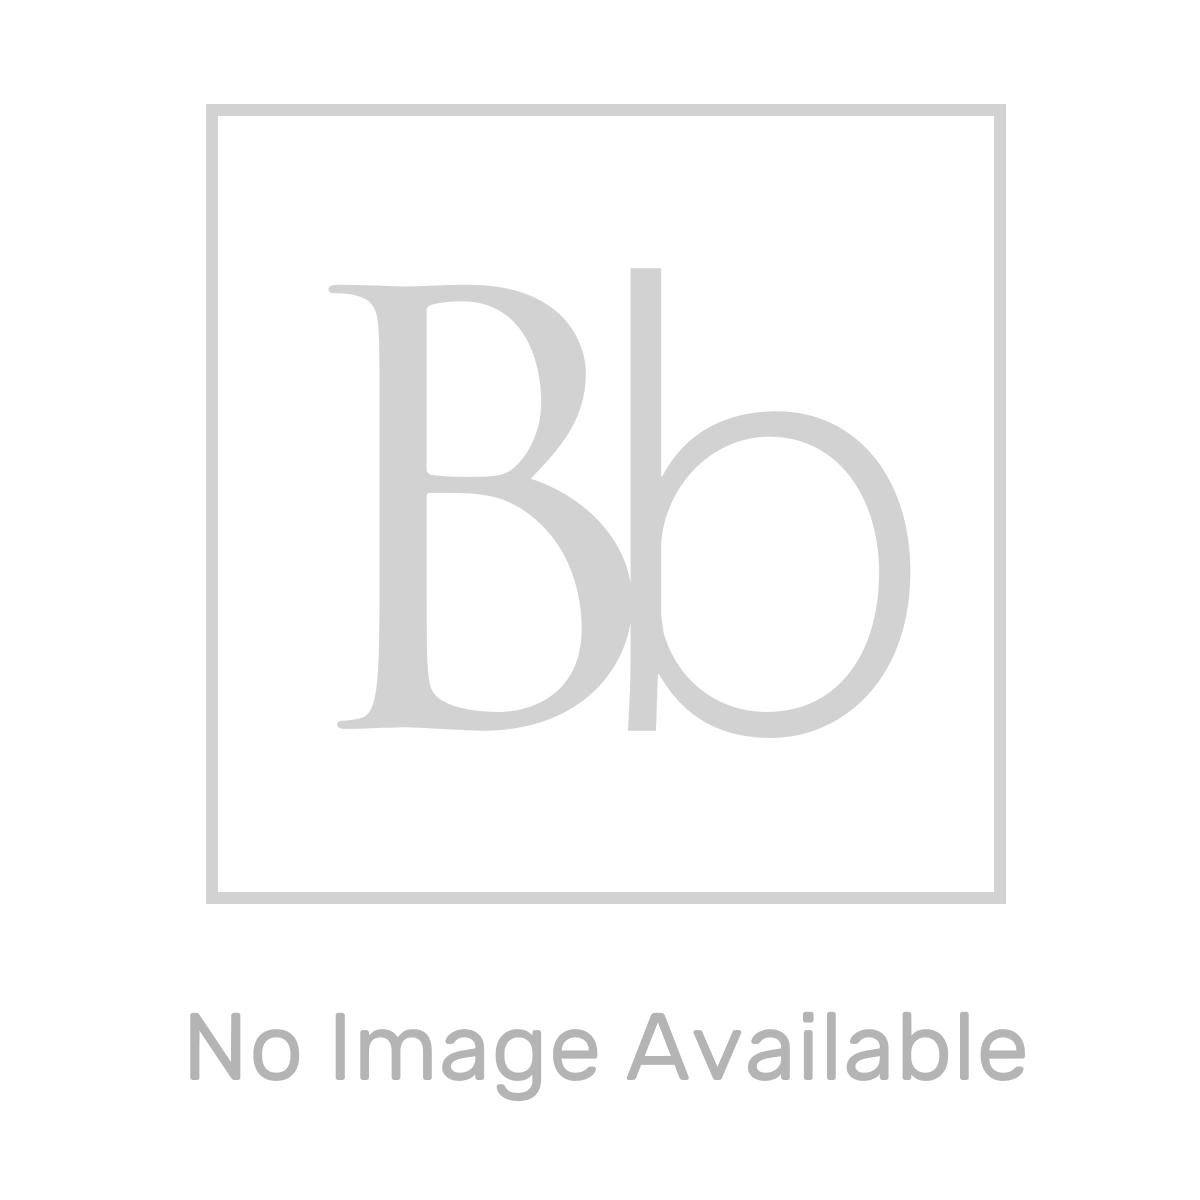 Reina Artena Polished Double Panel Steel Radiator 590 x 1200mm